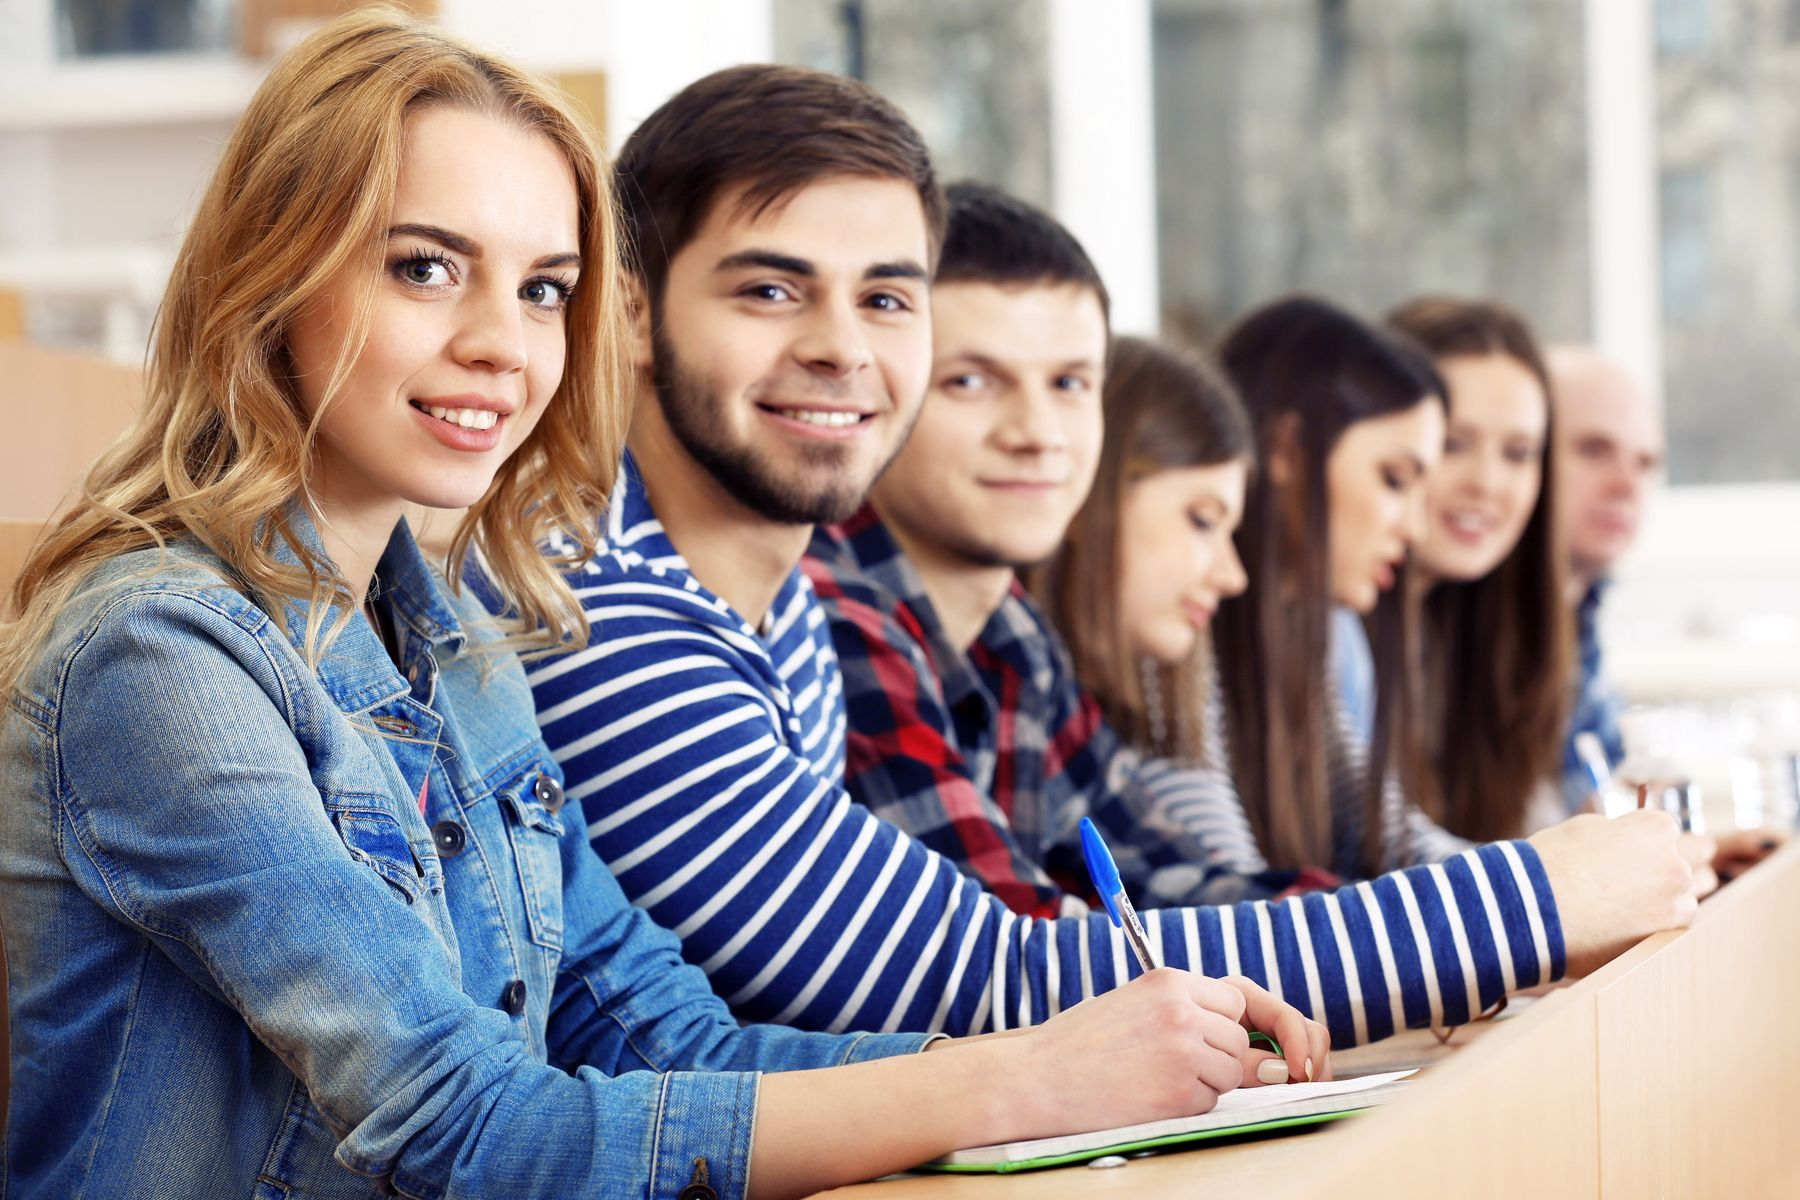 Уникальная возможность. Студенты ВГУЭС получают два диплома за четыре года